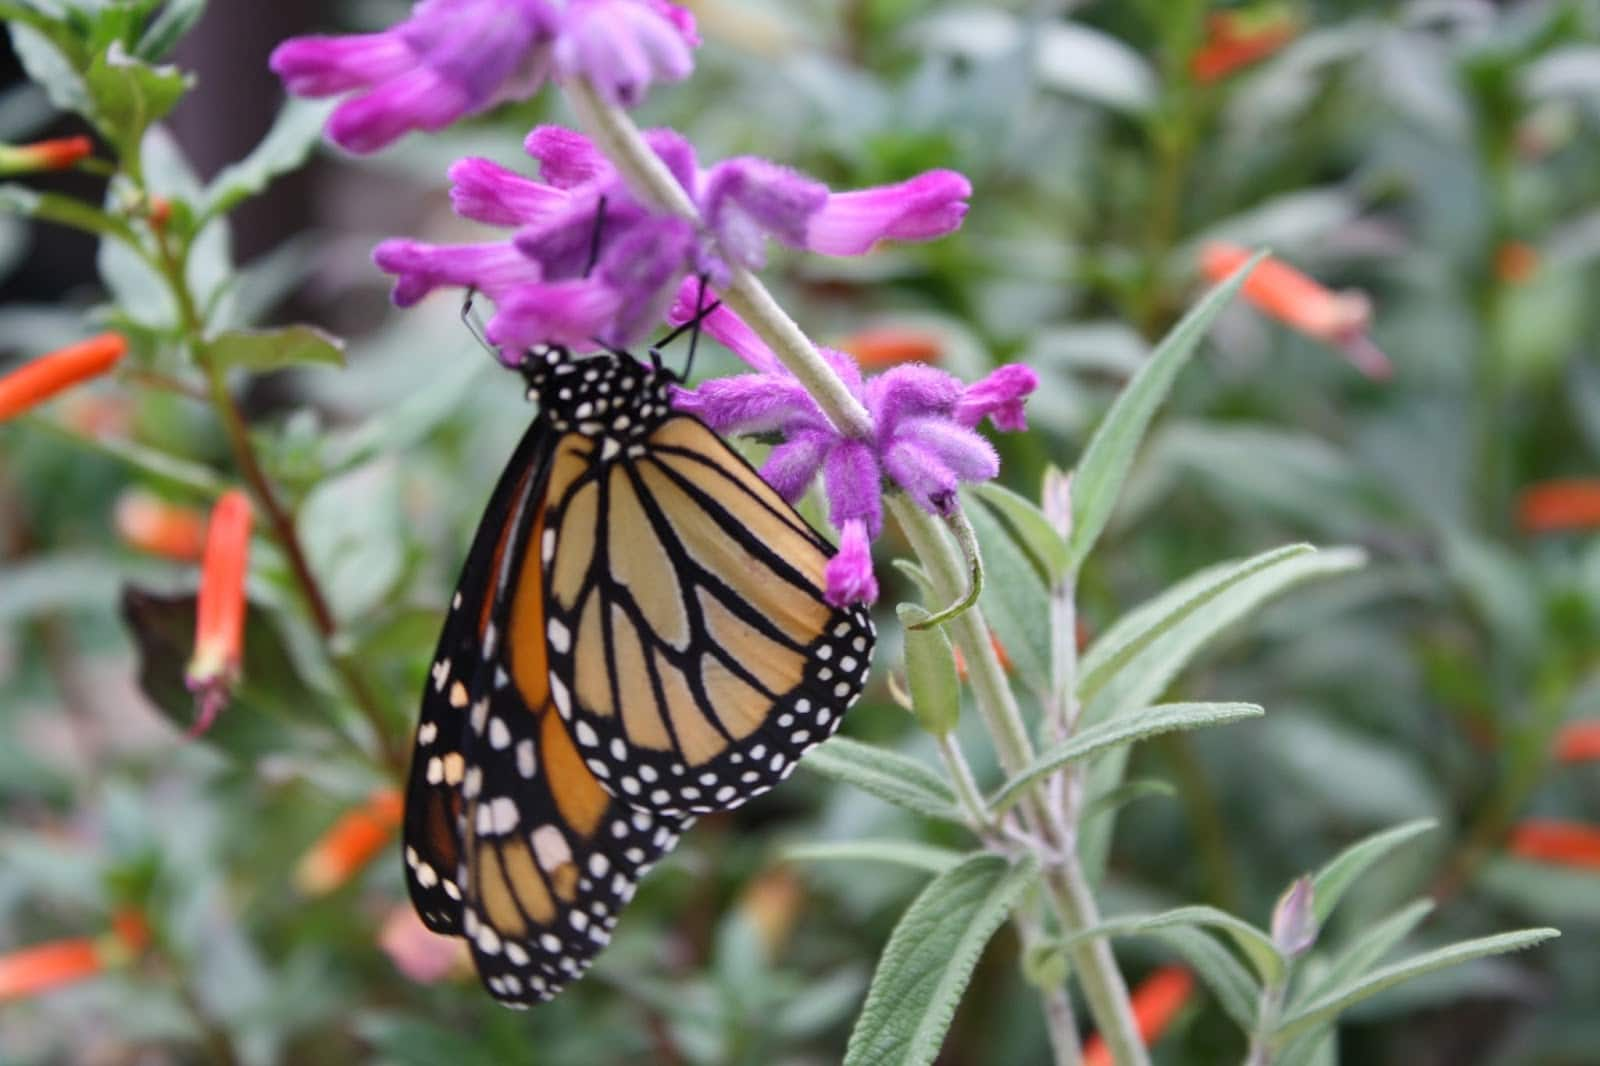 monarch butterfly on purple flowers